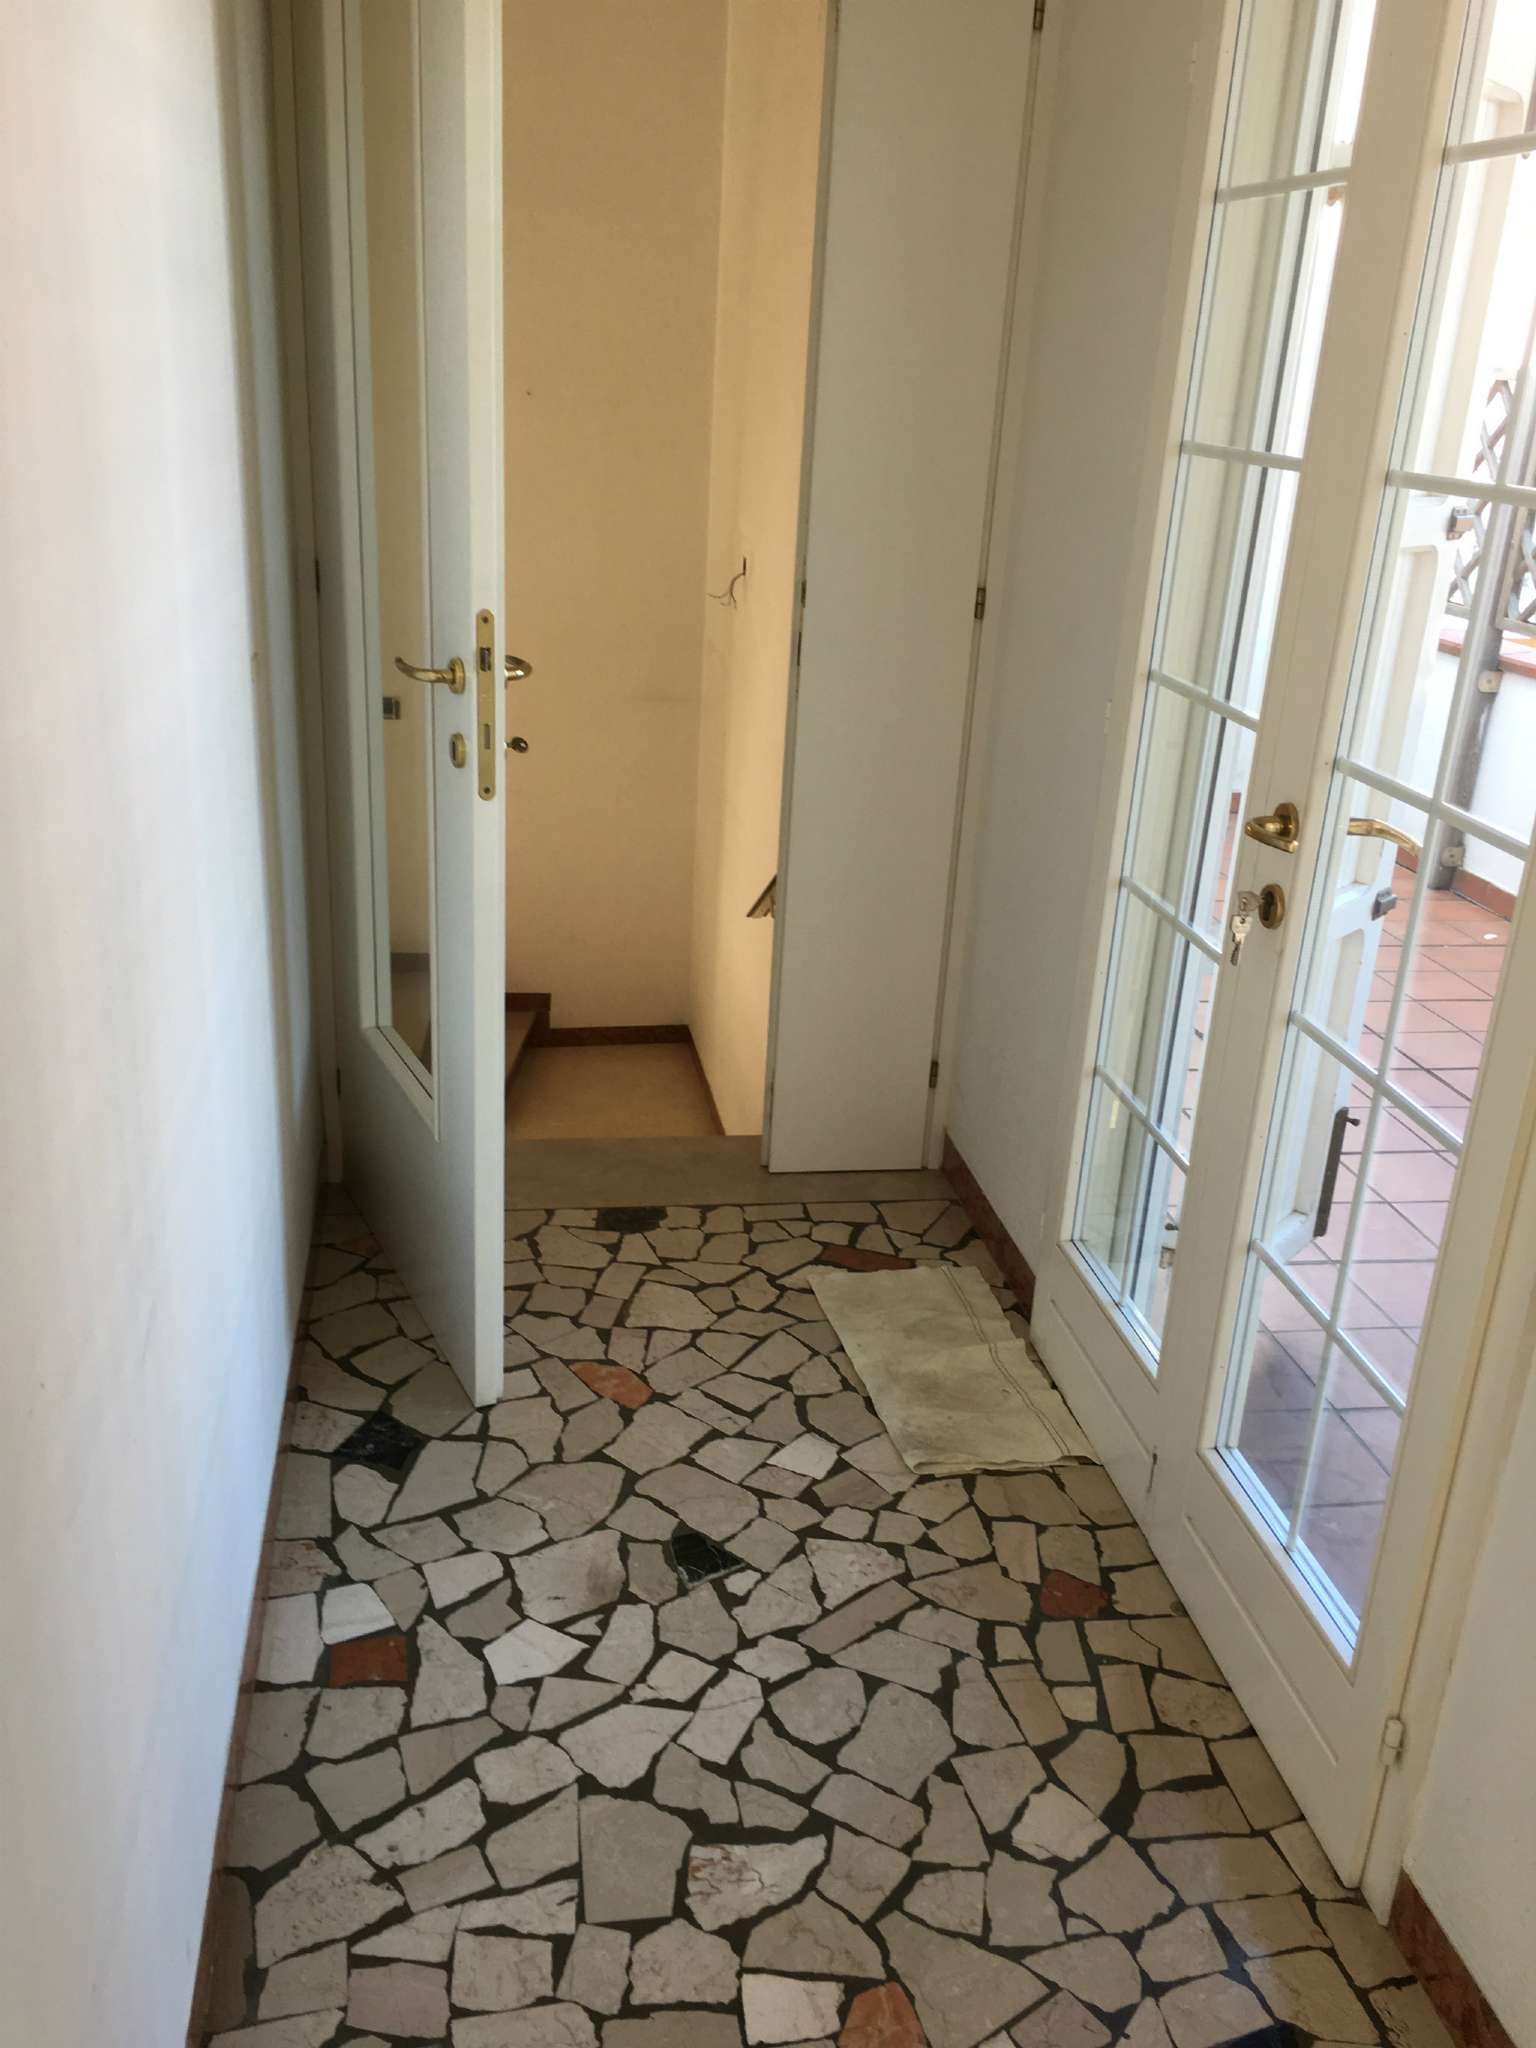 Palazzo / Stabile in vendita a Ravenna, 9999 locali, prezzo € 260.000 | CambioCasa.it